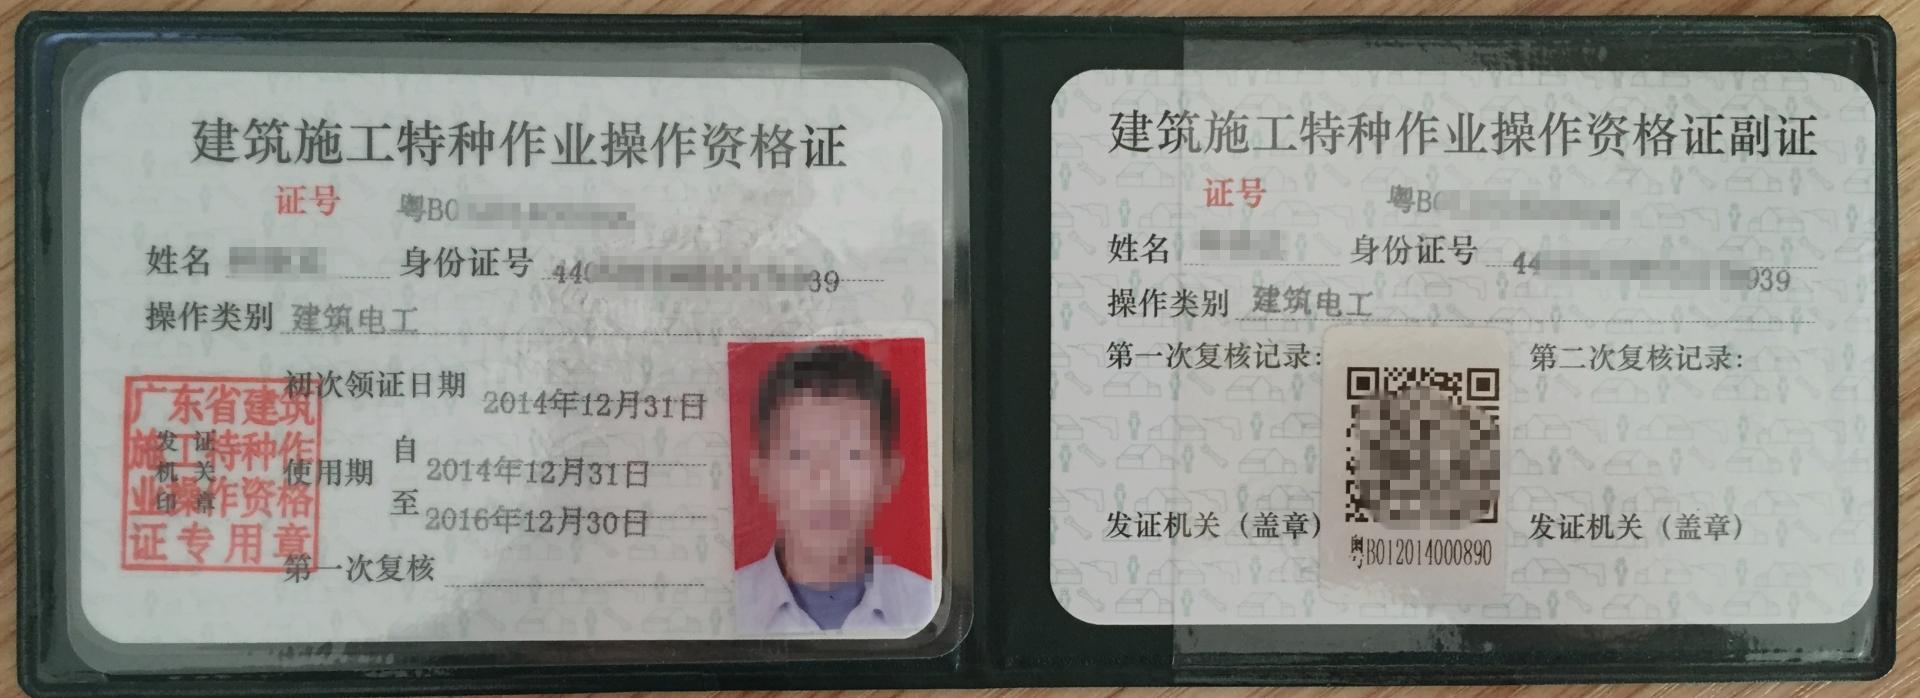 广东省的建筑电工证培训及考试在深圳什么地